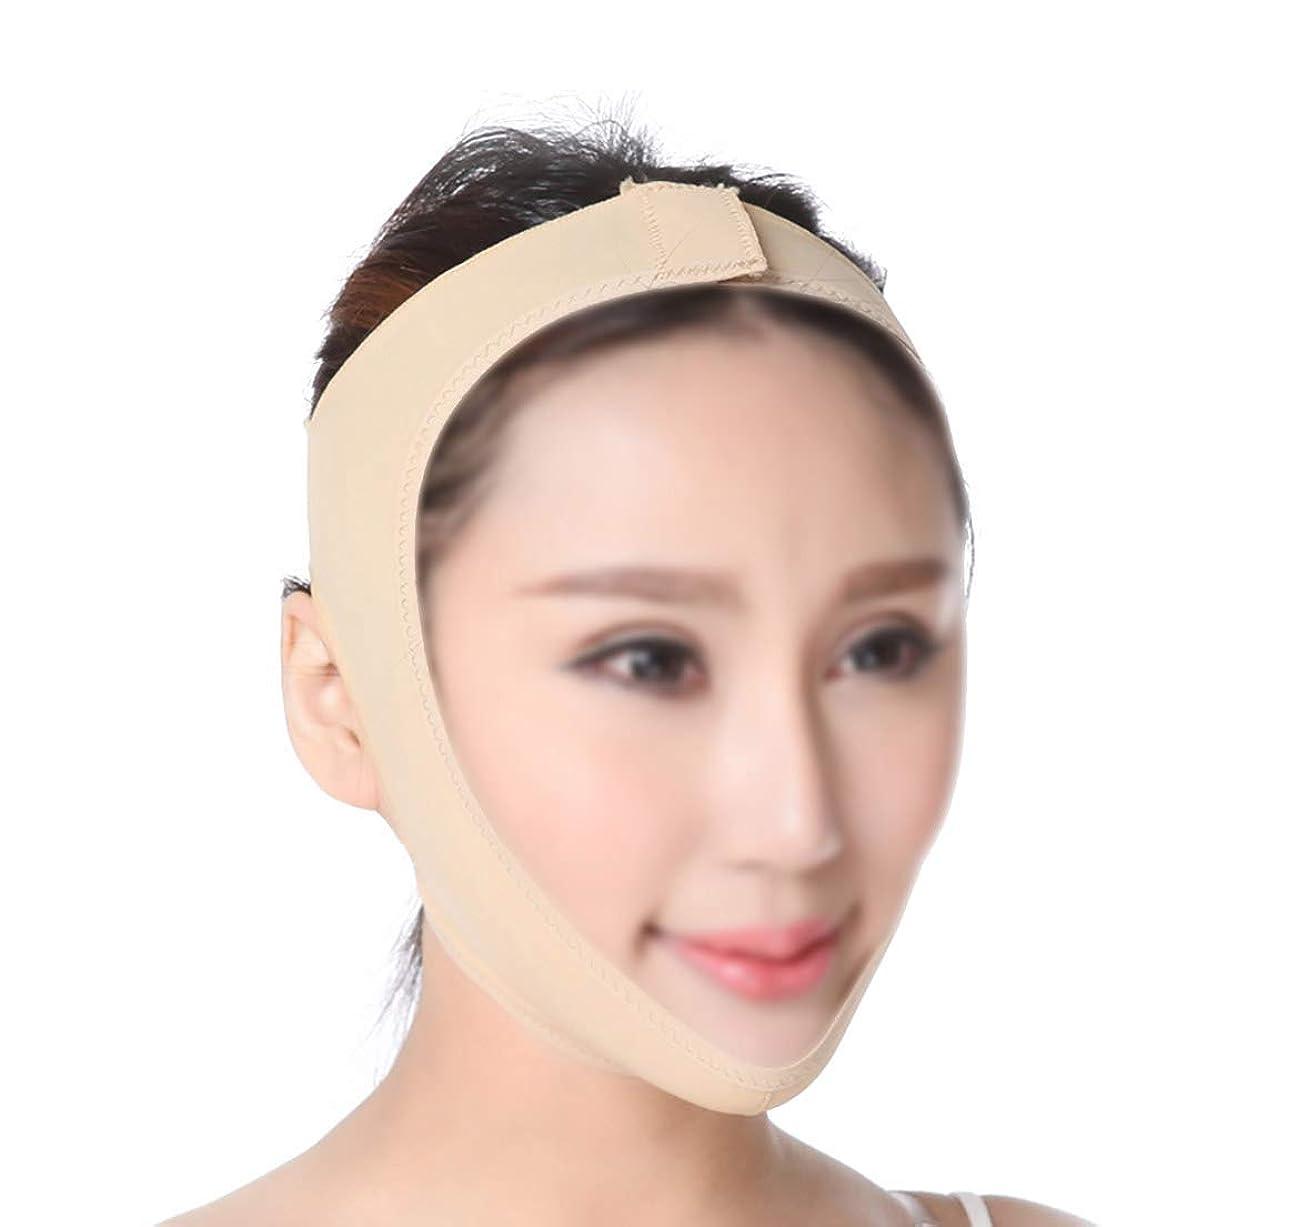 はしご葉っぱ無臭フェイスリフティング包帯、フェイシャル減量アンチシワケアフェイスリフトで肌を引き締め、二重あごを効果的に改善し、V字型の顔になります(サイズ:S),M